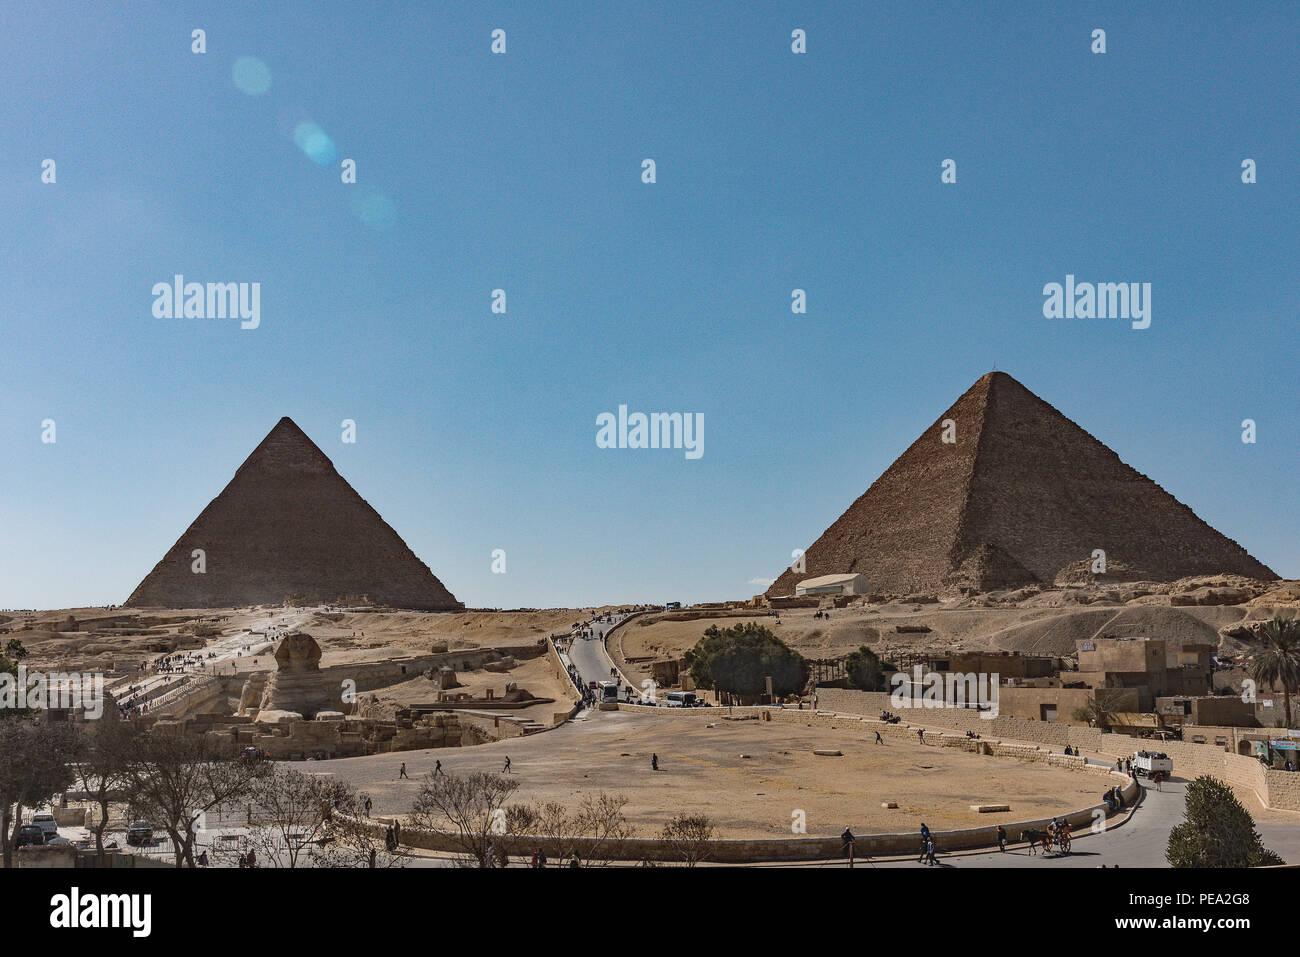 Pyramides et le Sphinx sur le plateau de Gizeh, Le Caire, Égypte. Photo Stock